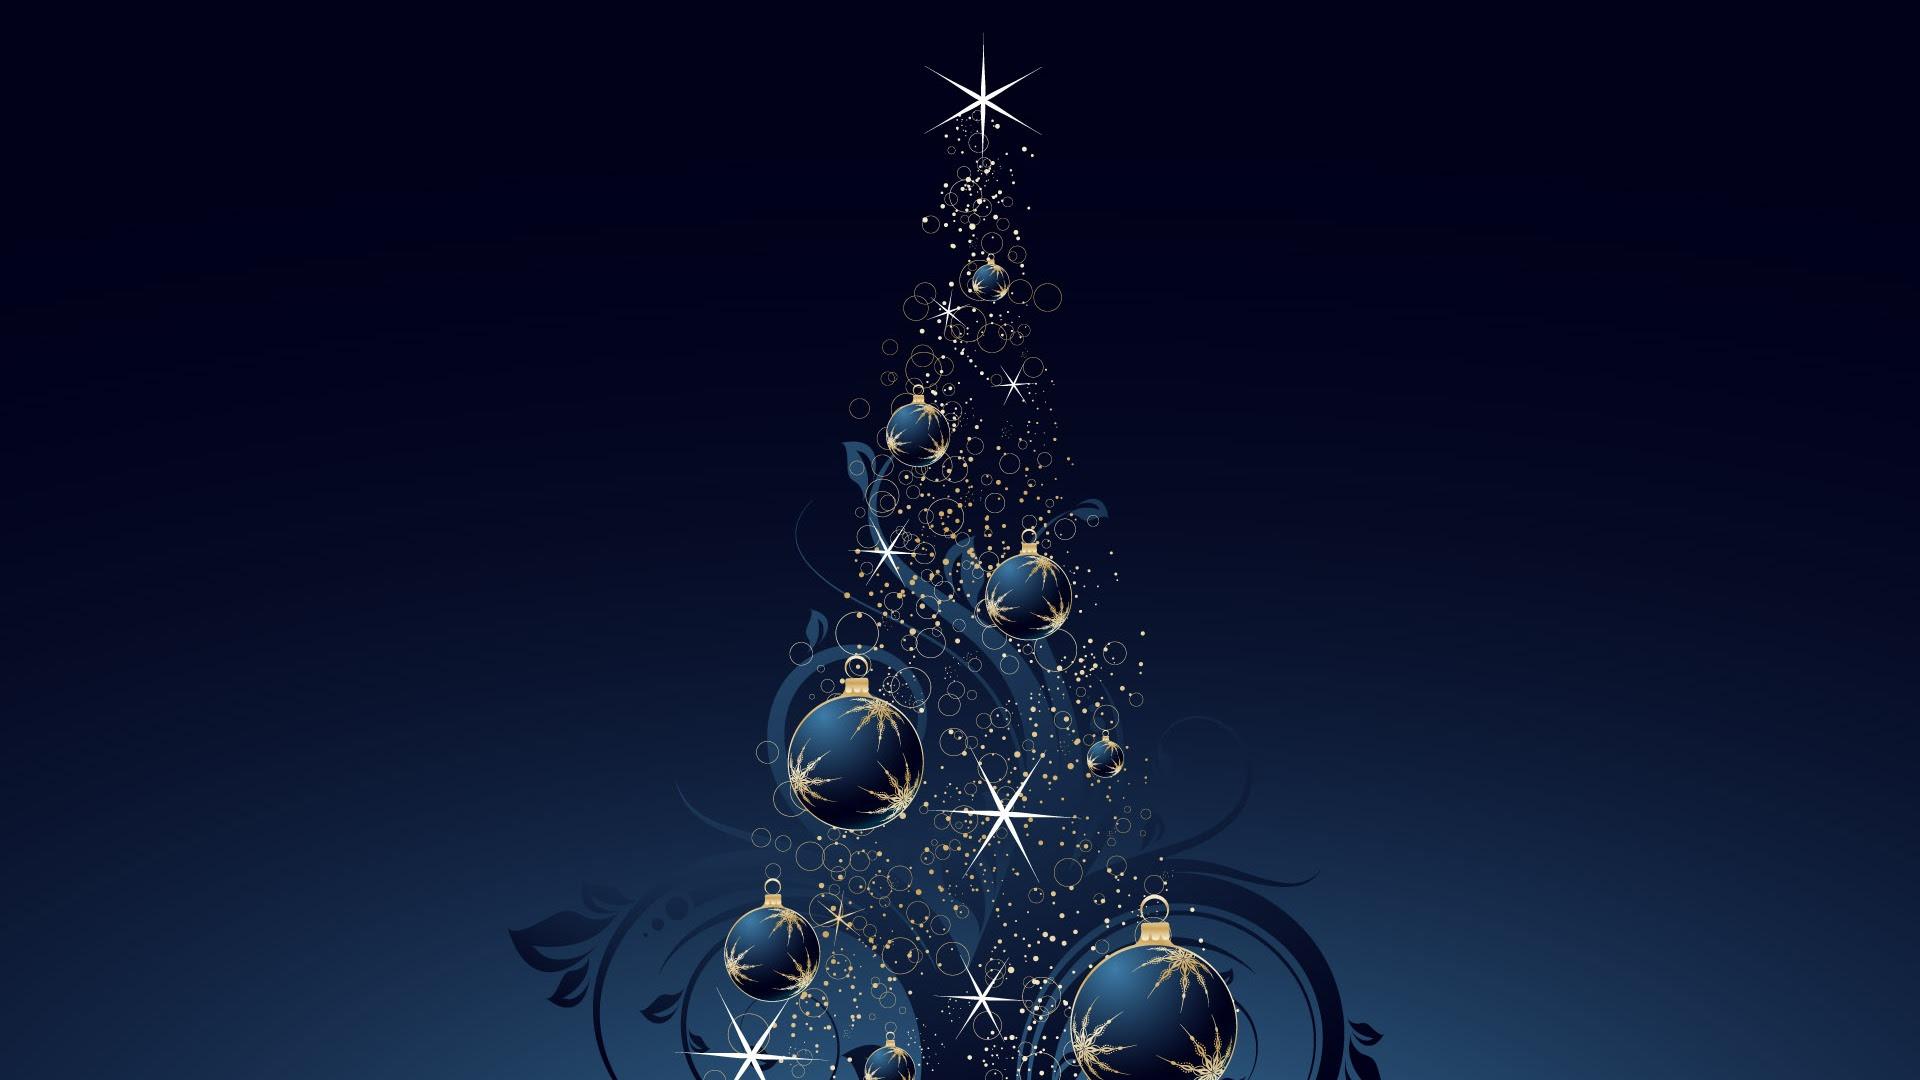 年1920クリスマステーマのhd壁紙 8 18 1920x1080 壁紙ダウンロード